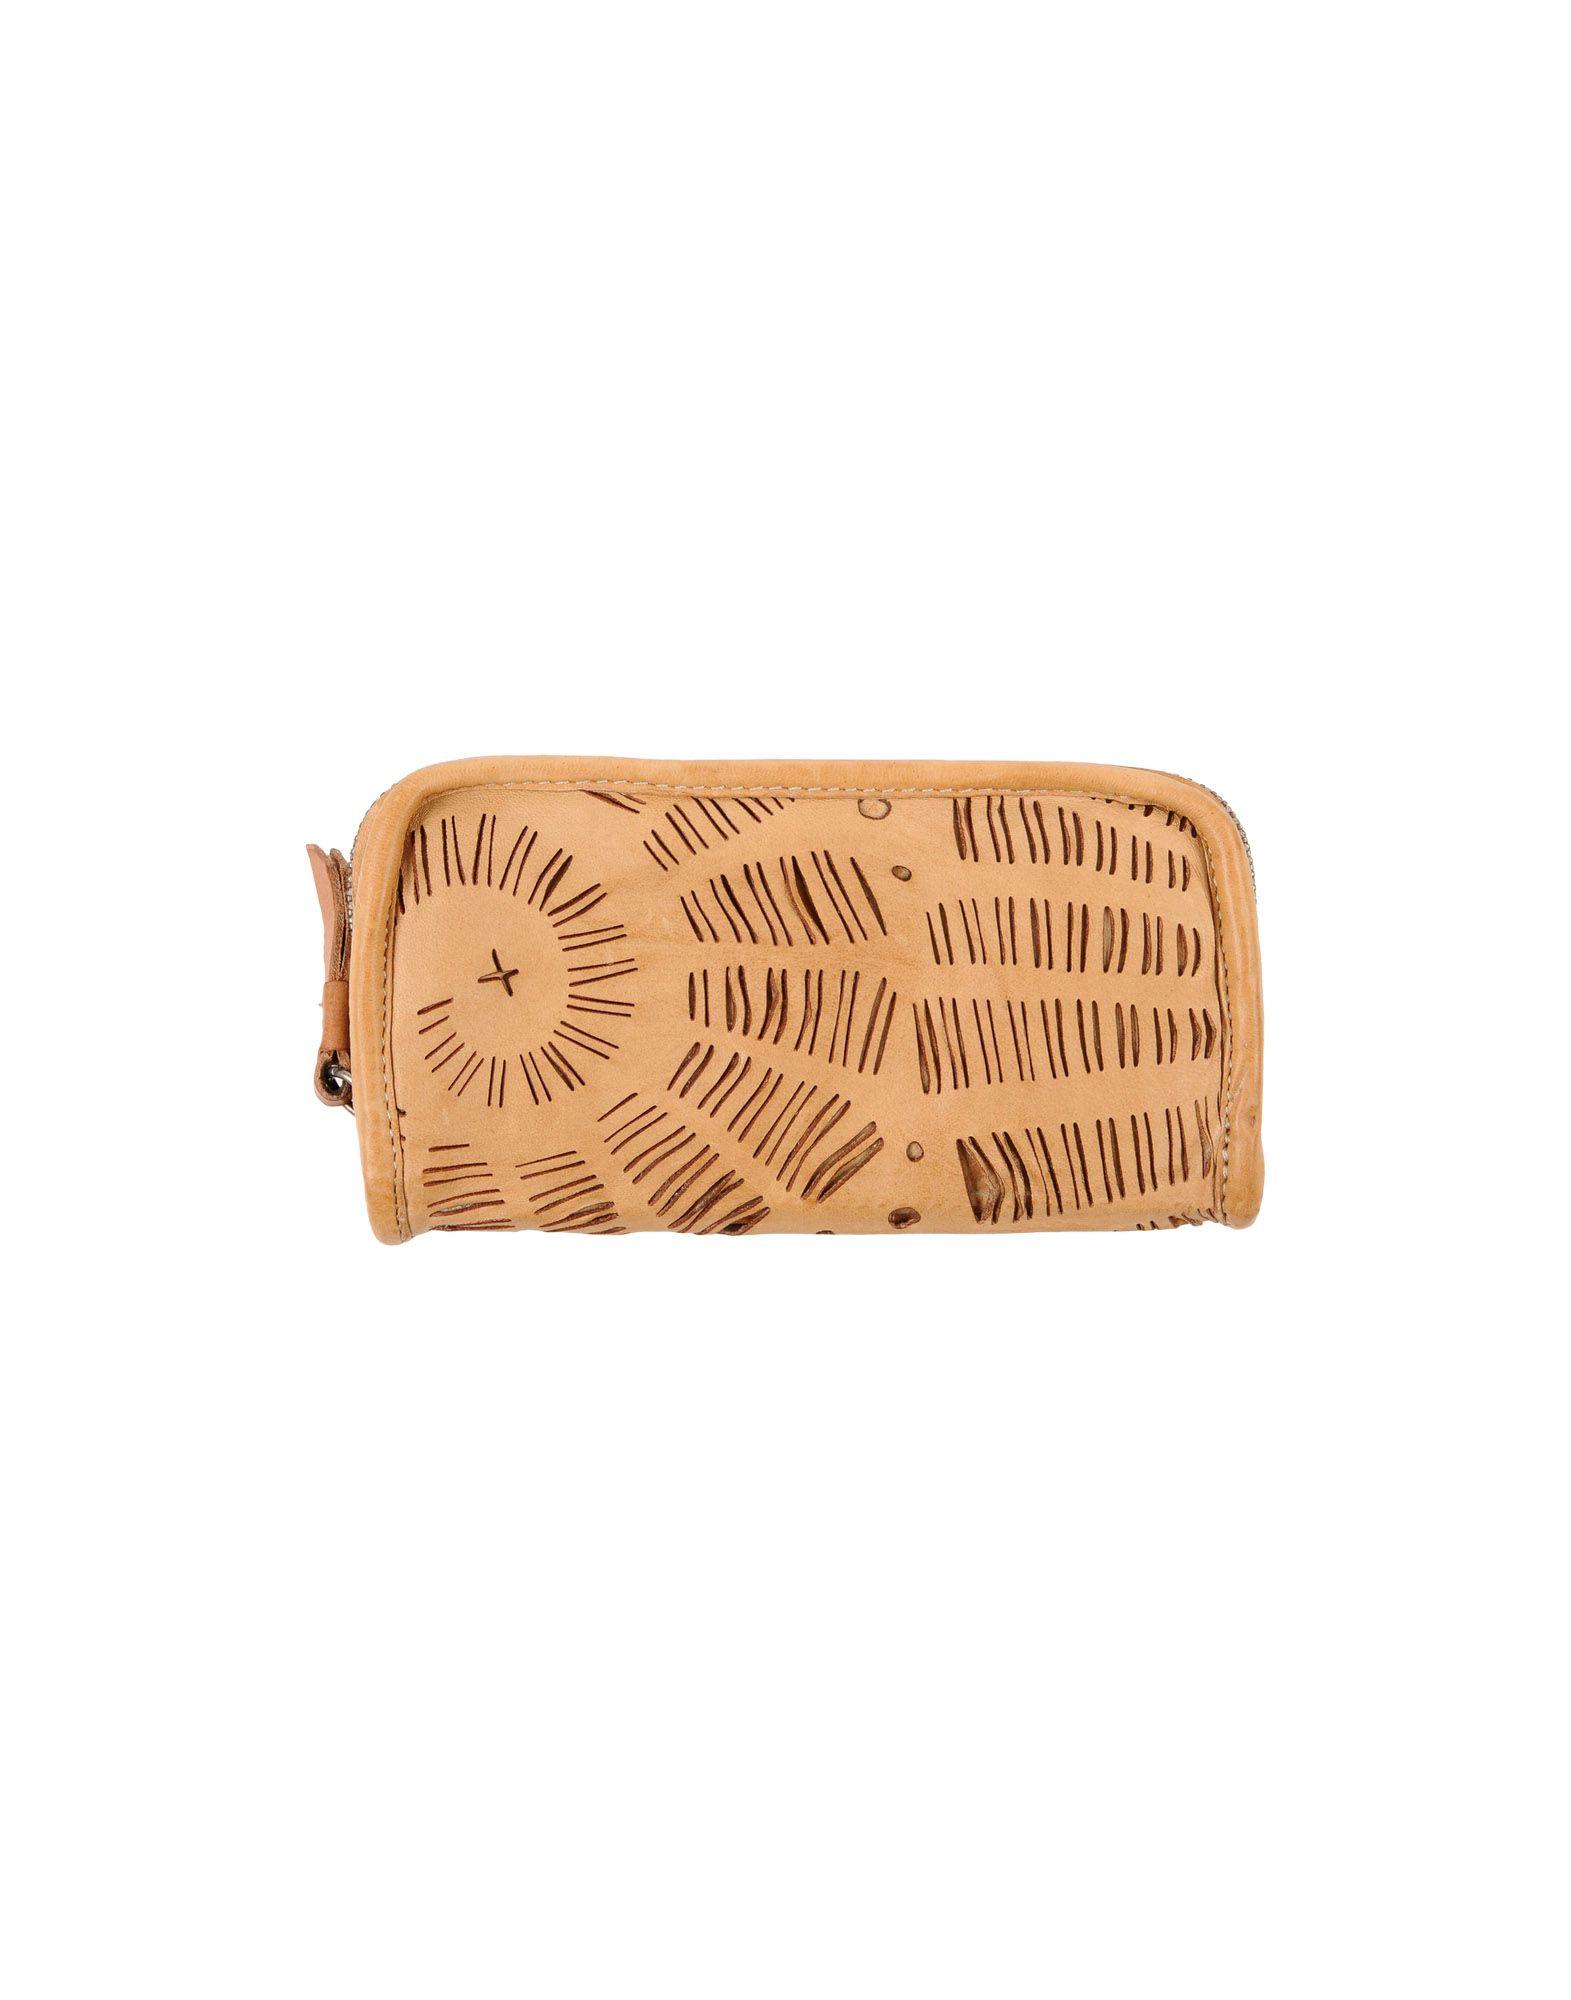 《送料無料》CATERINA LUCCHI レディース 財布 キャメル 羊革(ラムスキン)